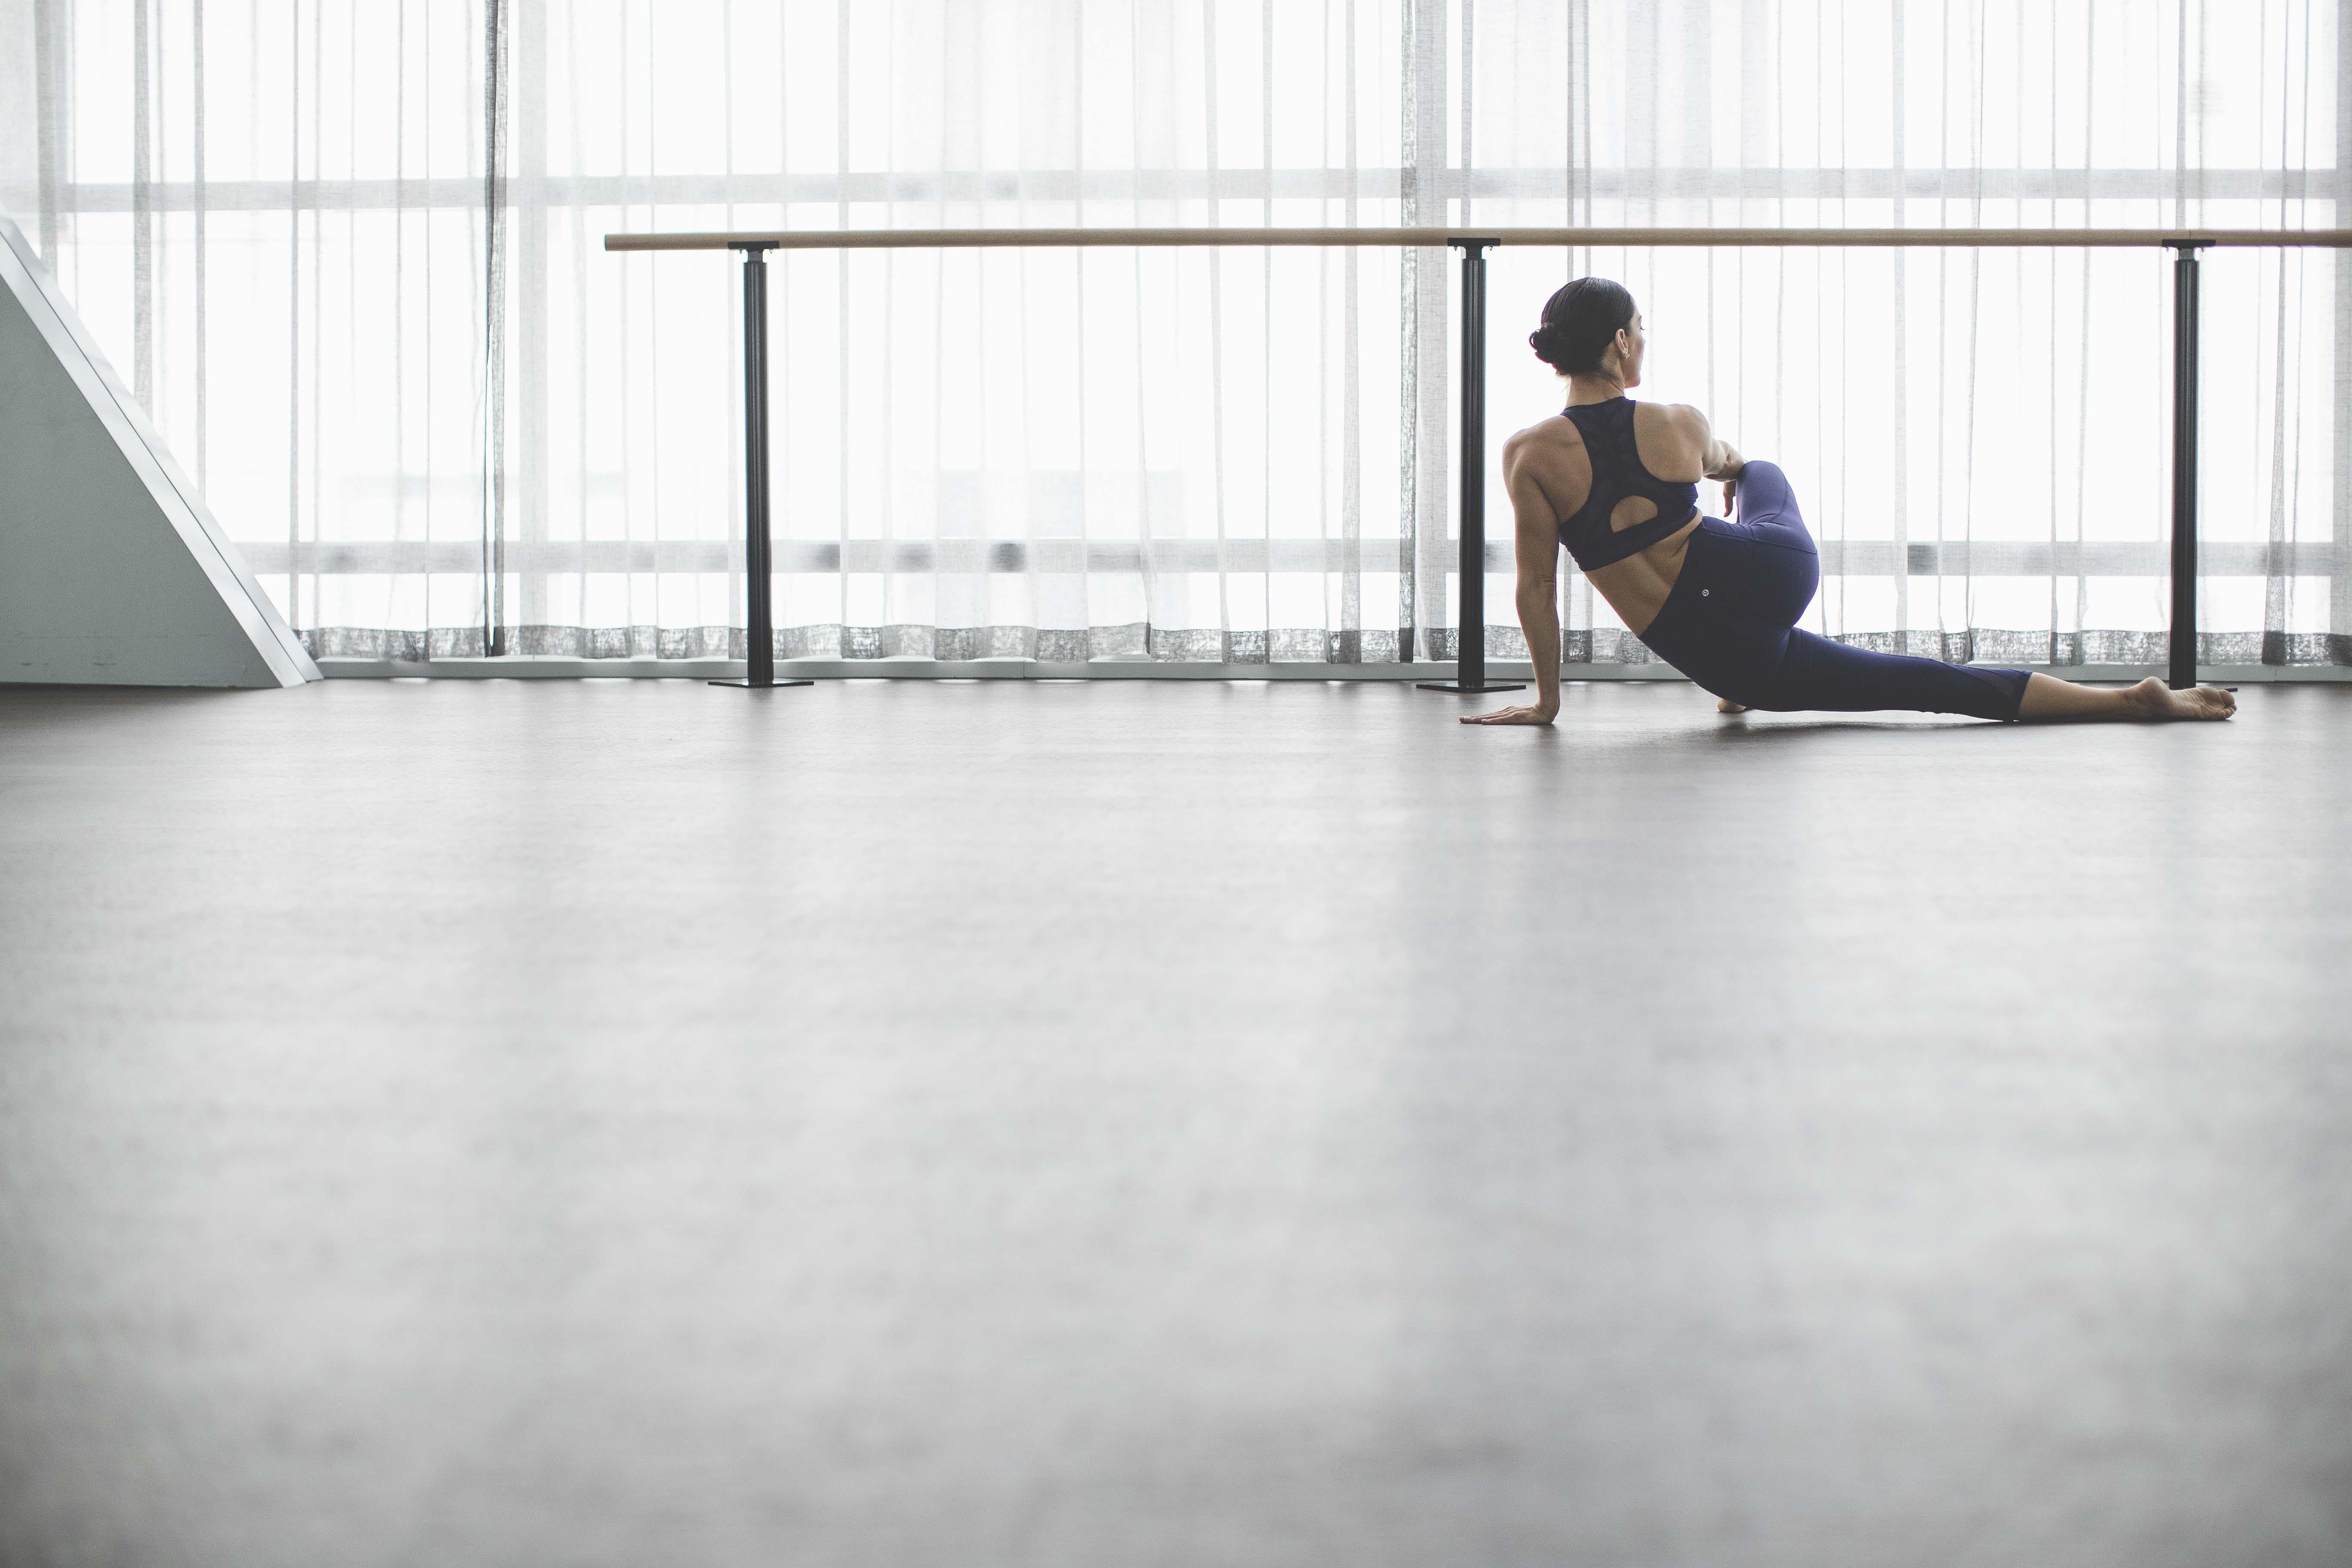 fullrez-2016_wk35_sec1_1401_lulu_aus_mk_womens_essential_rhythm_dance_barre_workout_4474